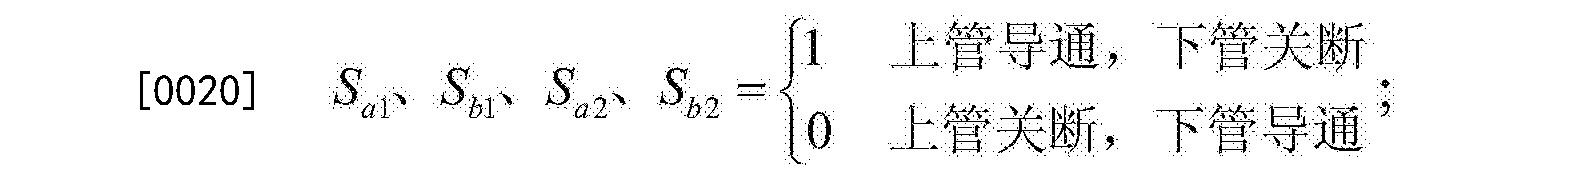 Figure CN105450059BD00051